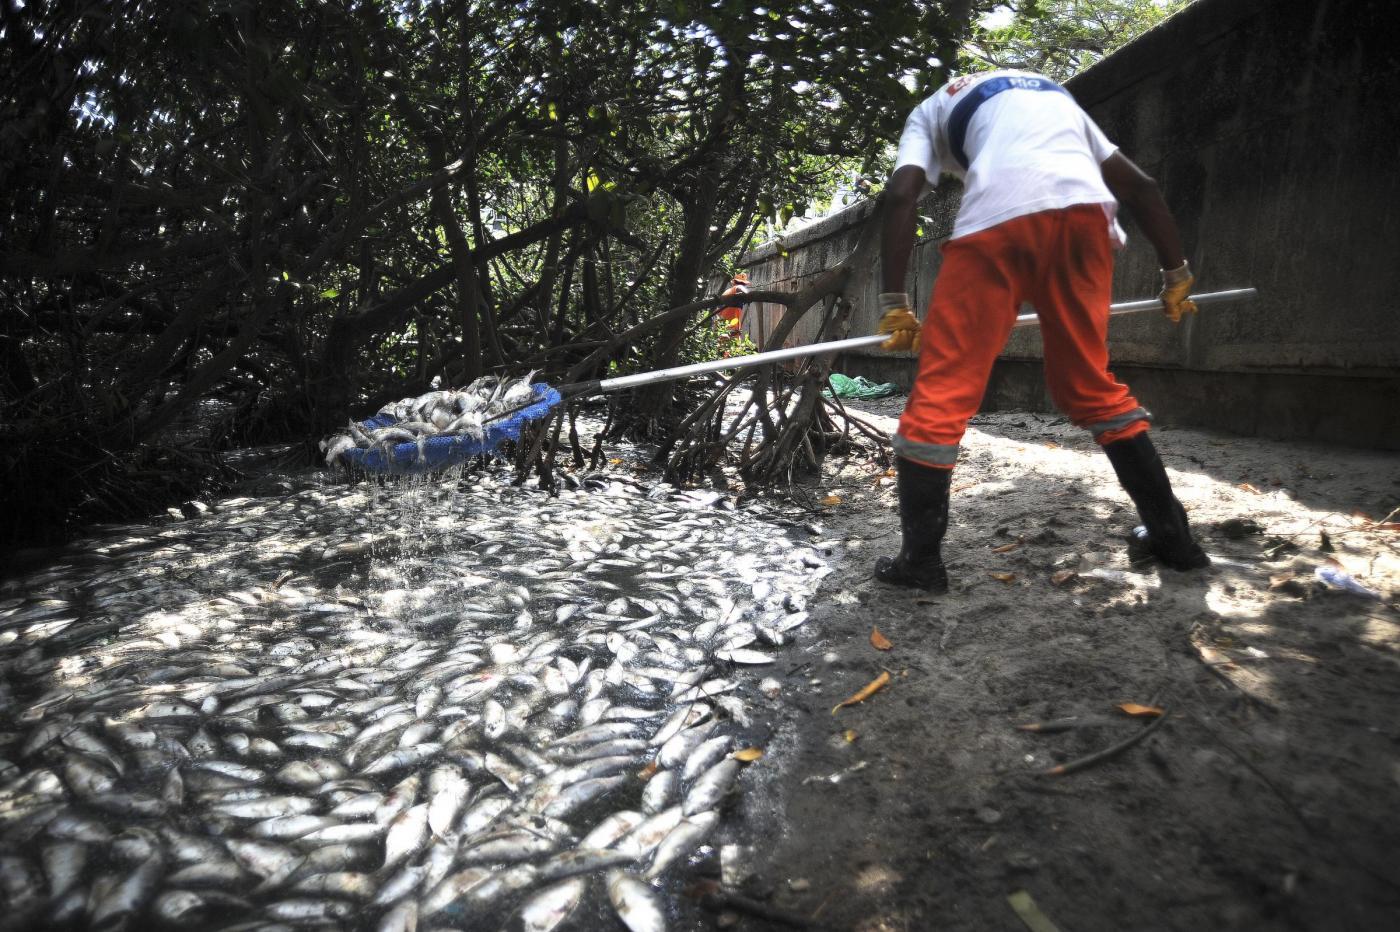 Pesci a rischio estinzione: colpa dei cambiamenti climatici